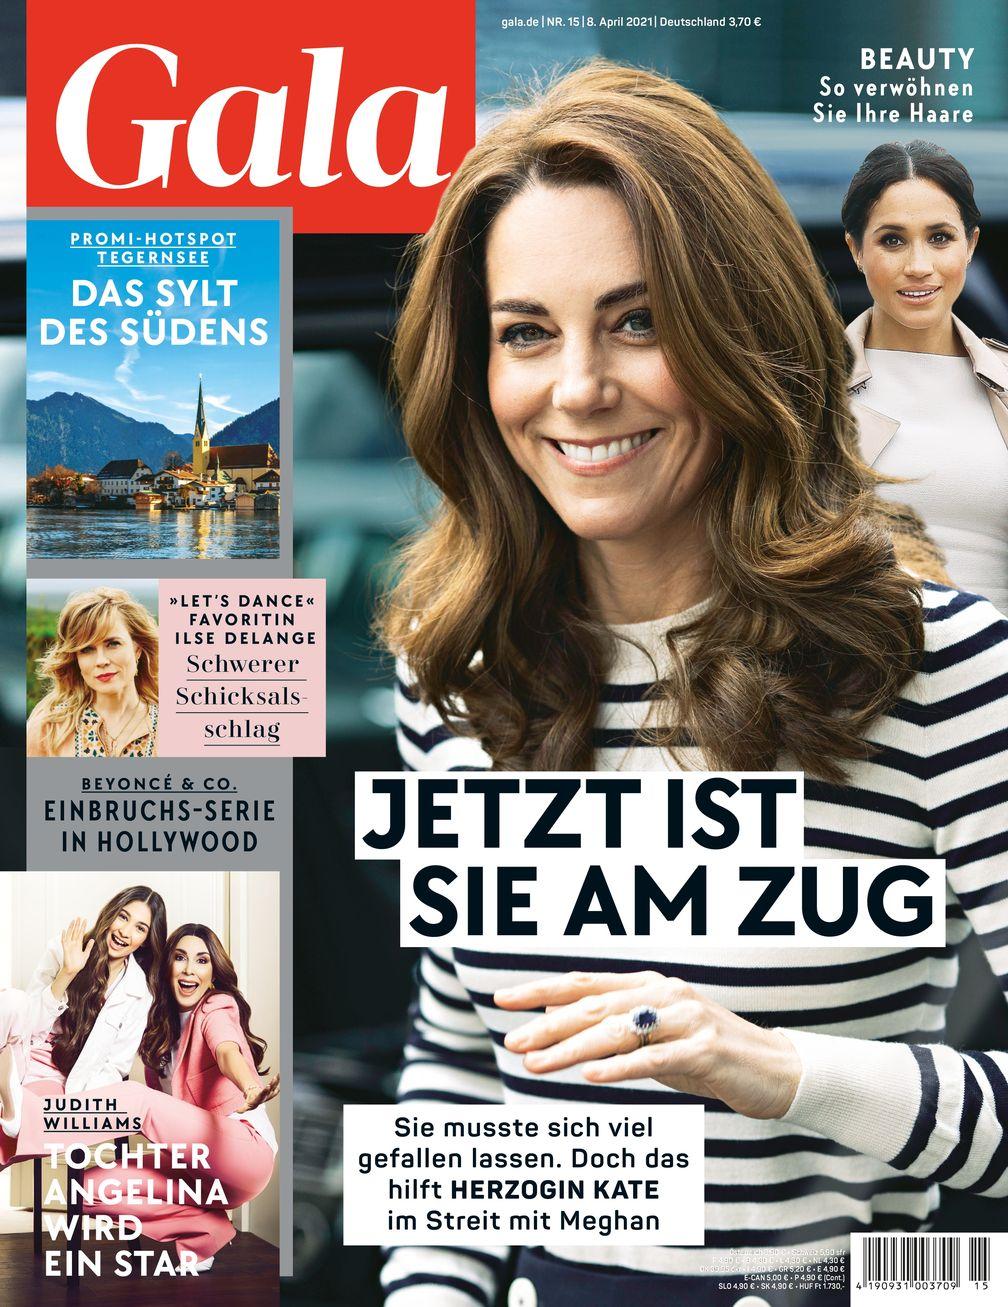 Cover GALA 15/21 (EVT: 8. April 2021) Bild: GALA, Gruner + Jahr Fotograf: Gruner+Jahr, Gala